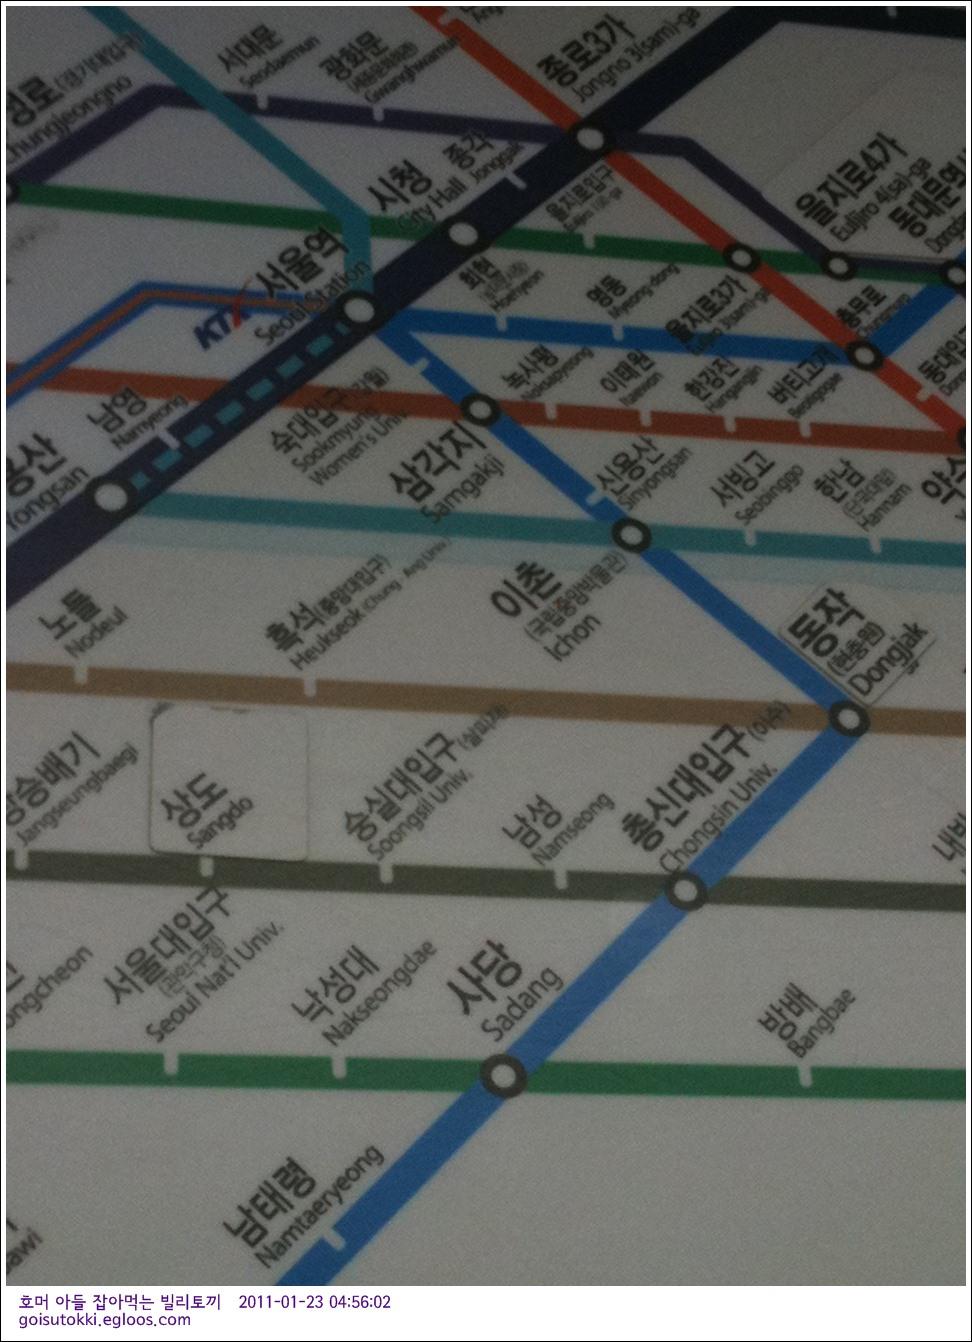 코레일, 서울메트로 차량노선도 의 낚시에 넘어가지..